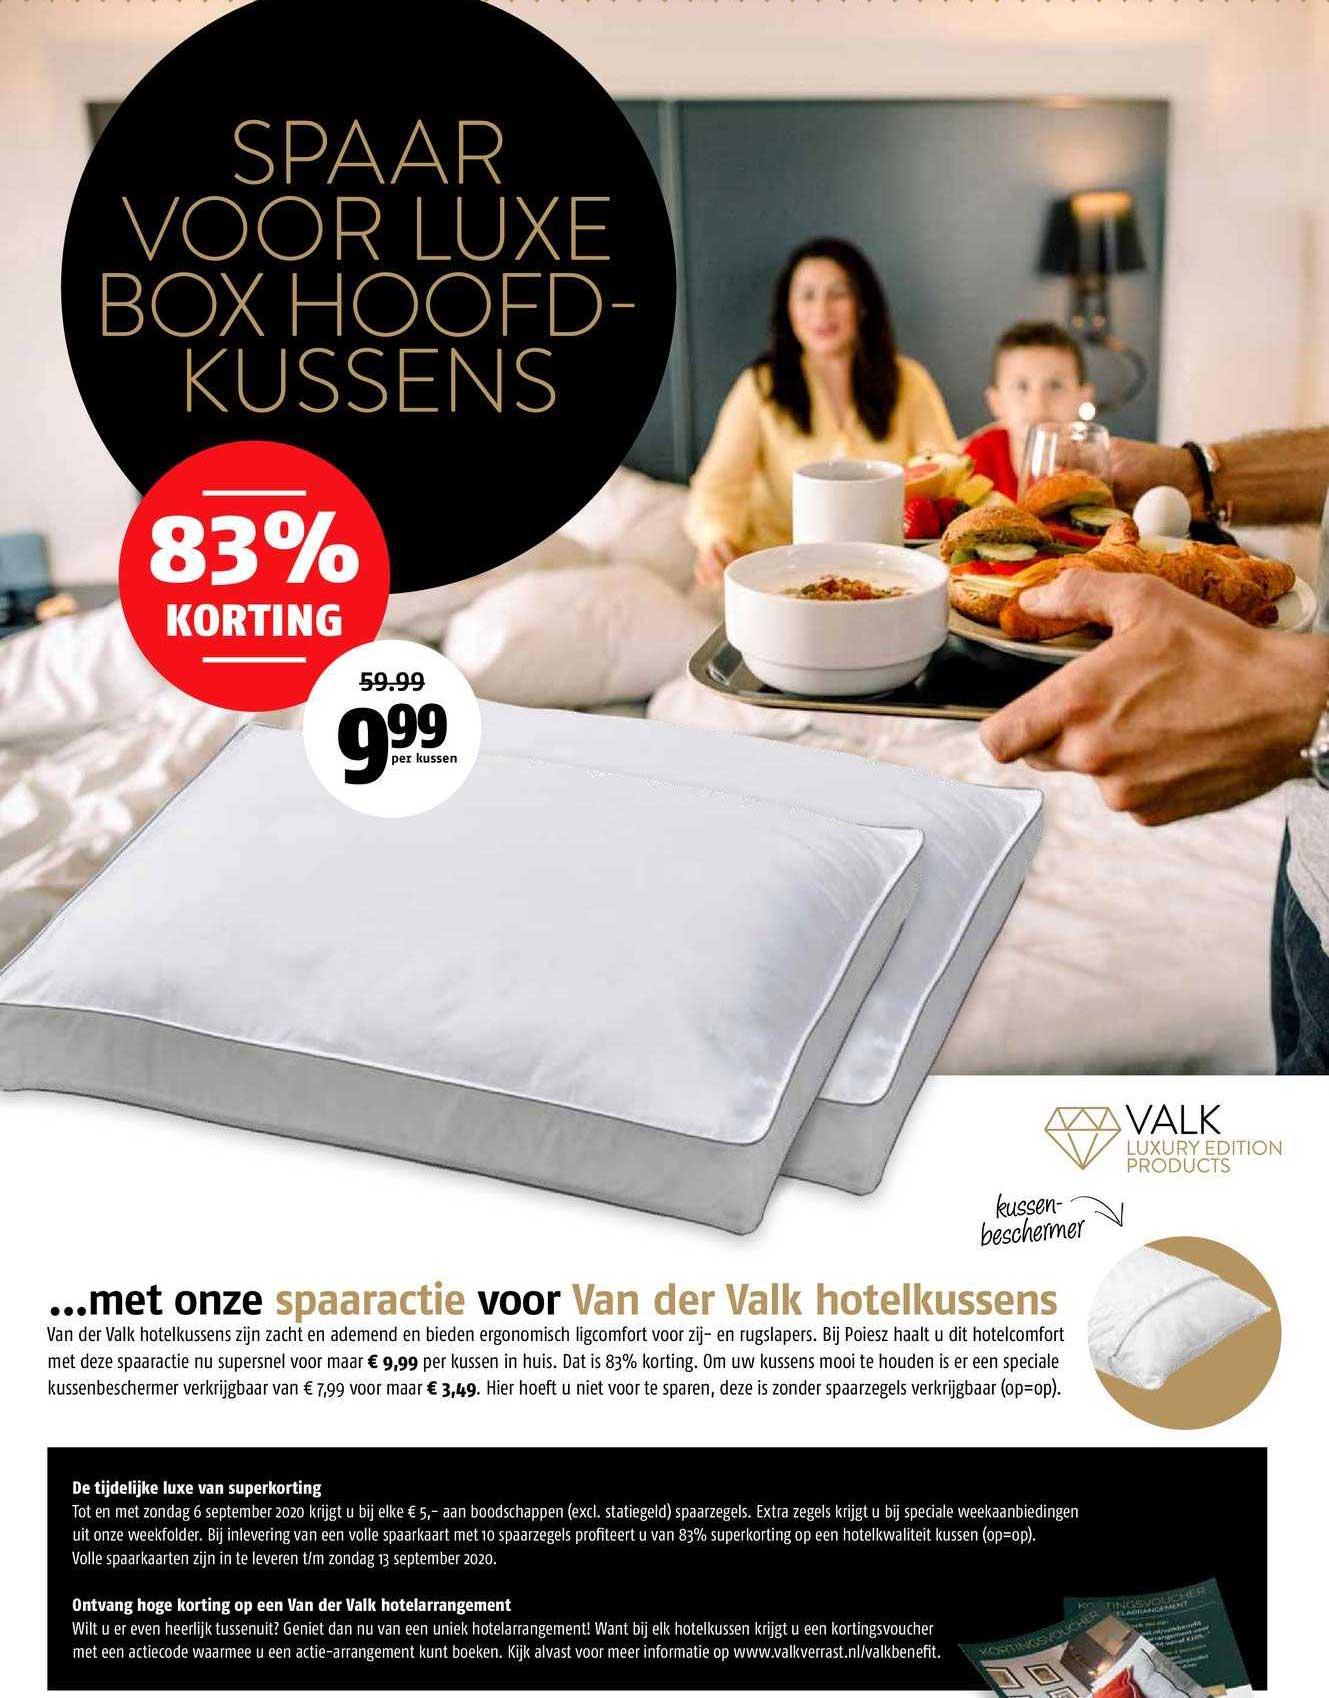 Poiesz Luxe Box Hoofdkussens 83% Korting